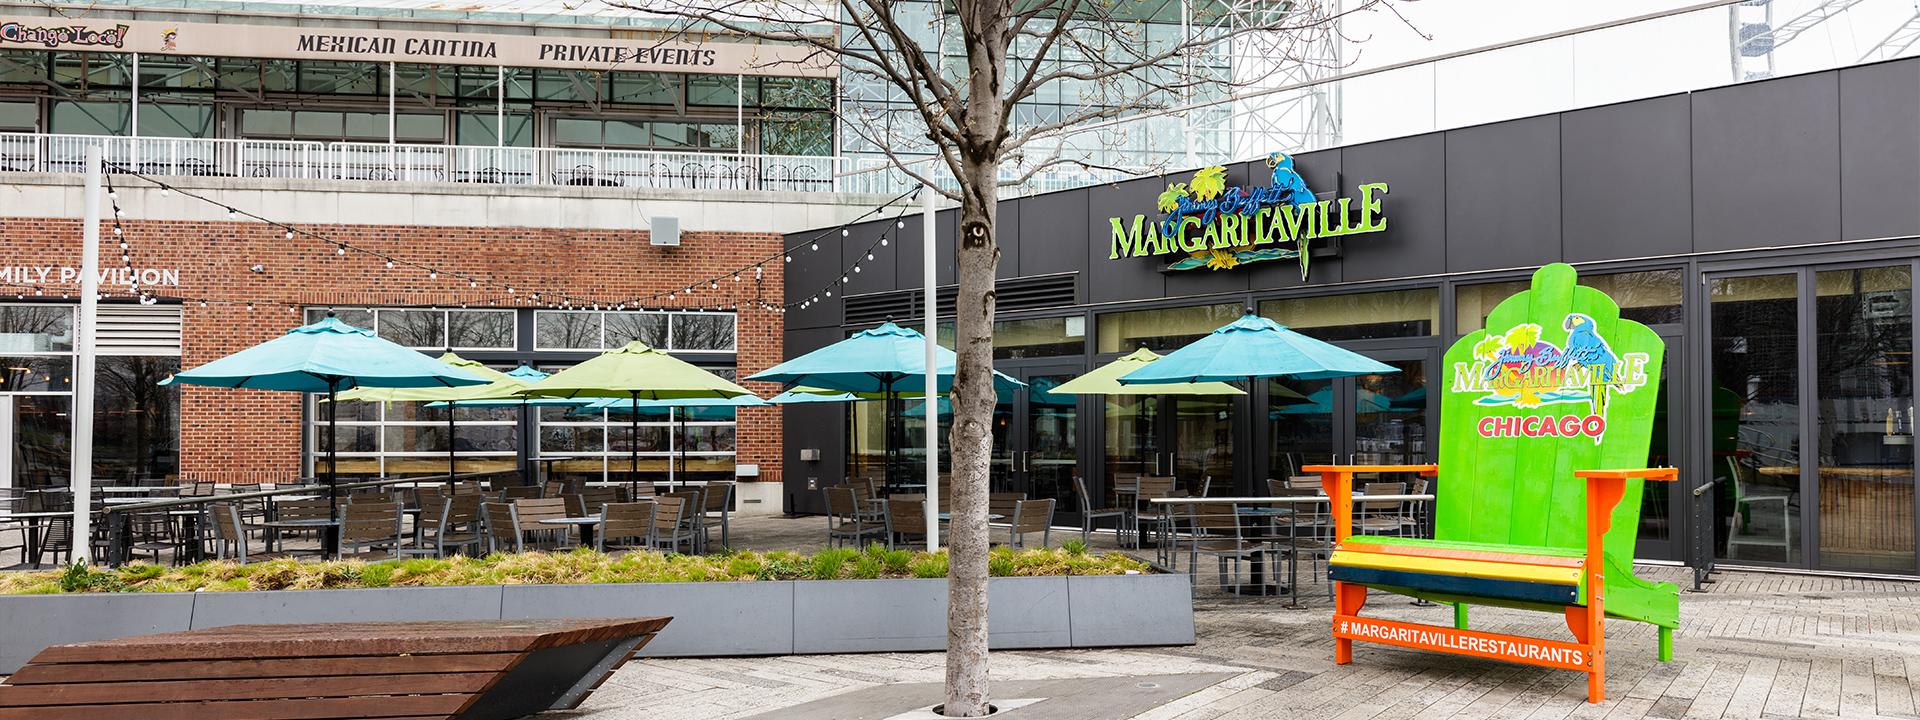 Margaritaville Restaurant Chicago | Chicago, IL | Jimmy